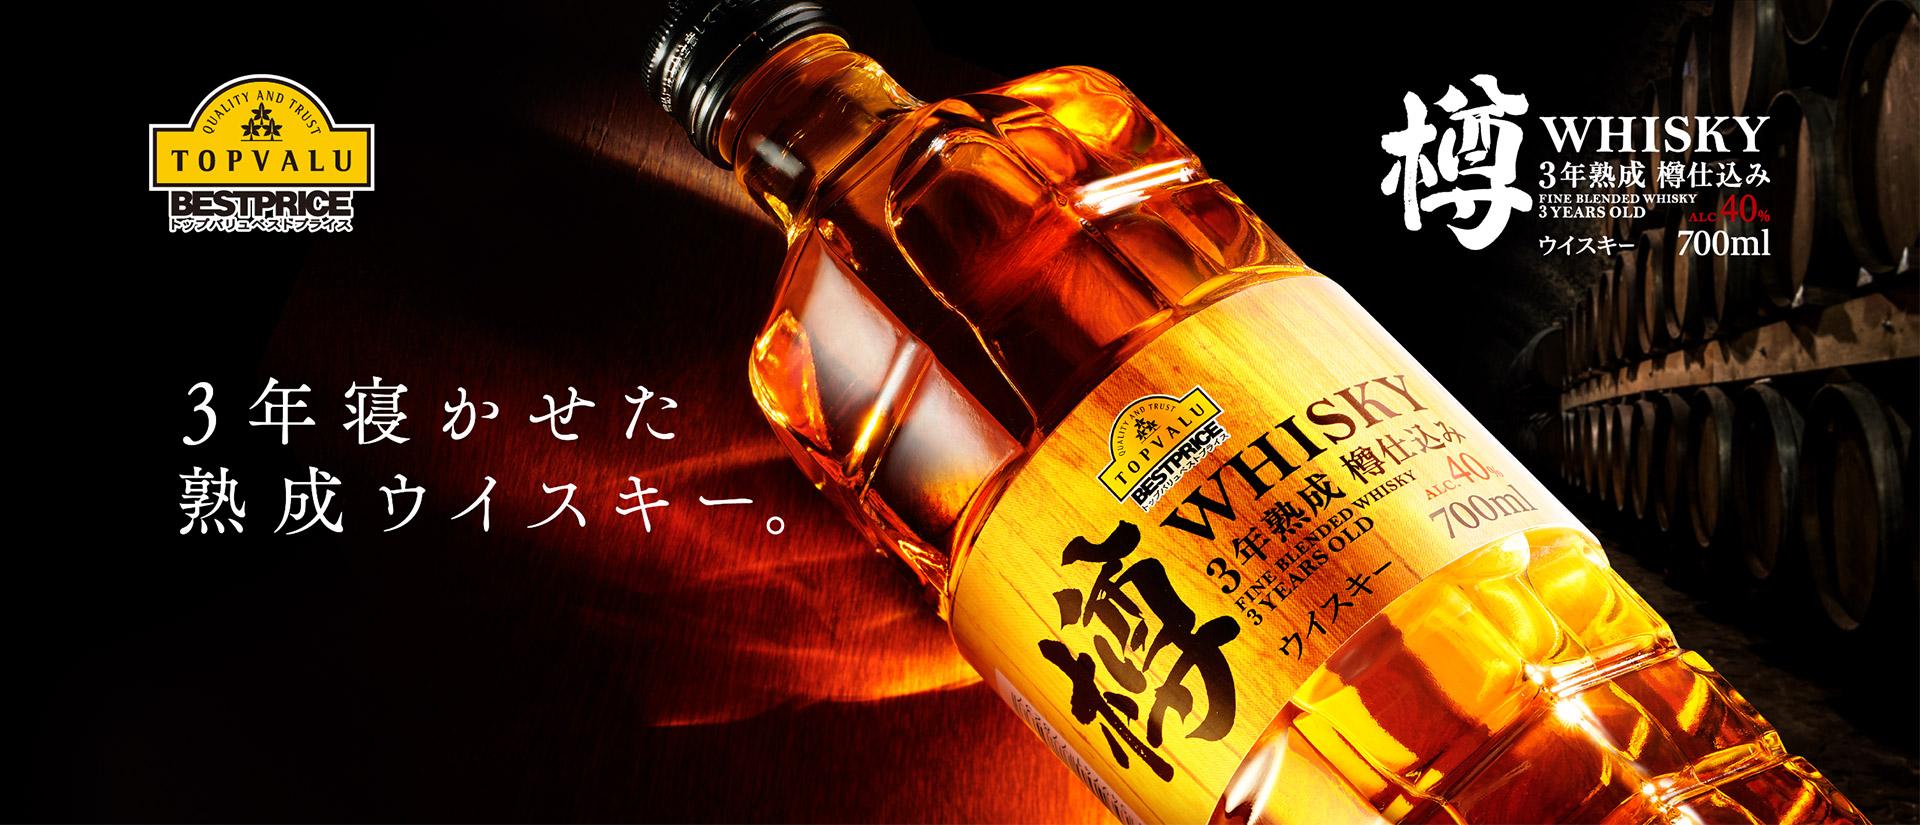 トップバリュベストプライス 3年寝かせた熟成ウイスキー。 樽WHISKY 3年熟成 樽仕込み